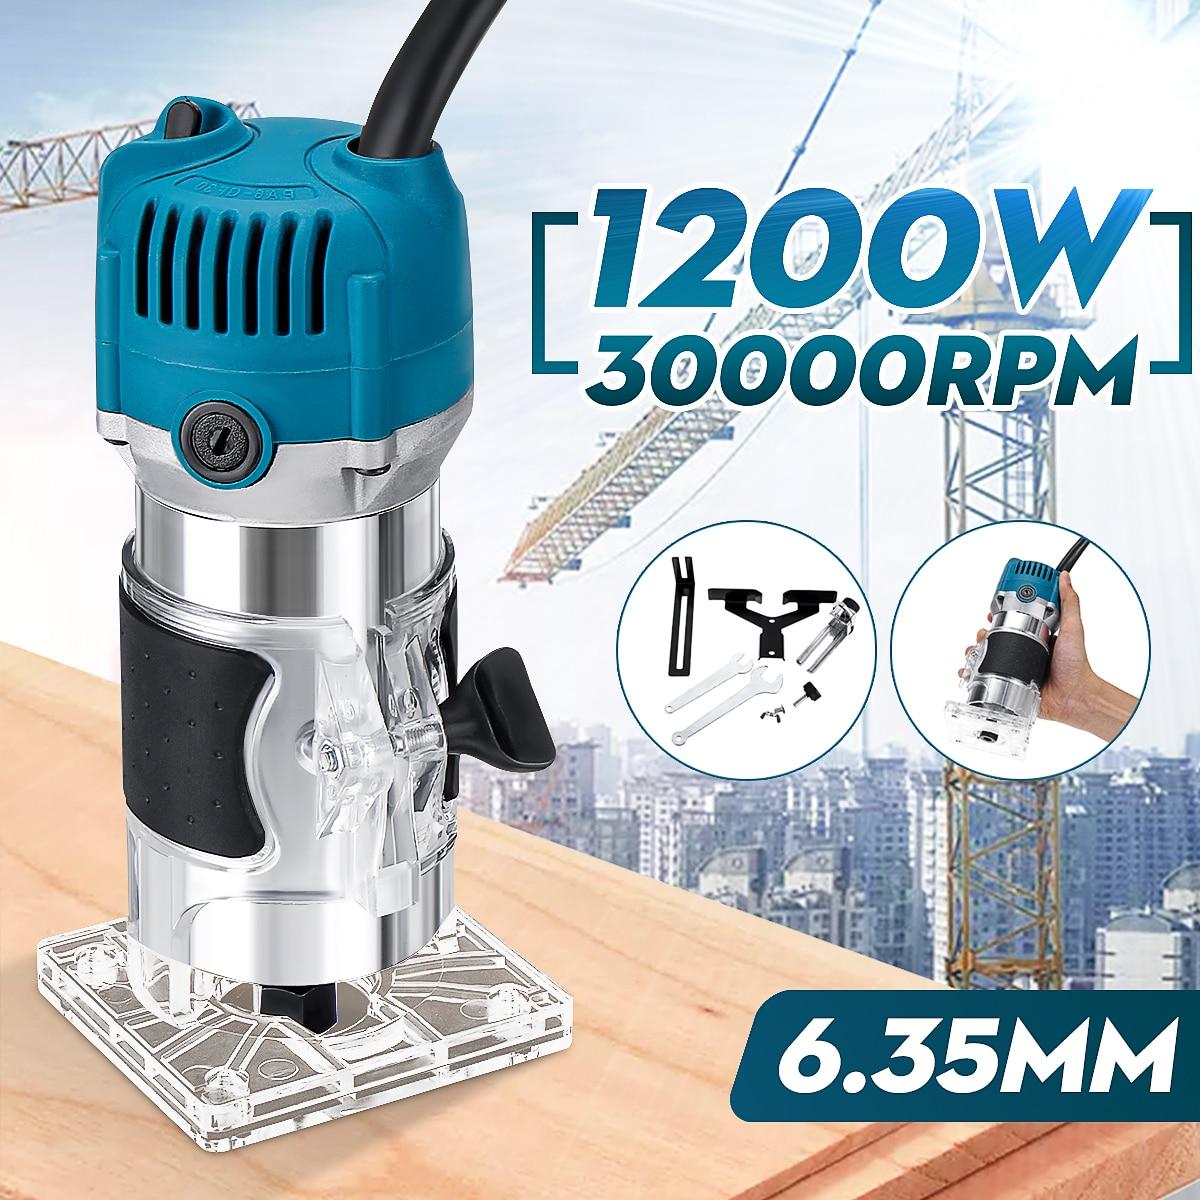 Aparador elétrico de borda laminado, máquina de entalhar madeira 110v-220v 1200w, trabalho em madeira roteador